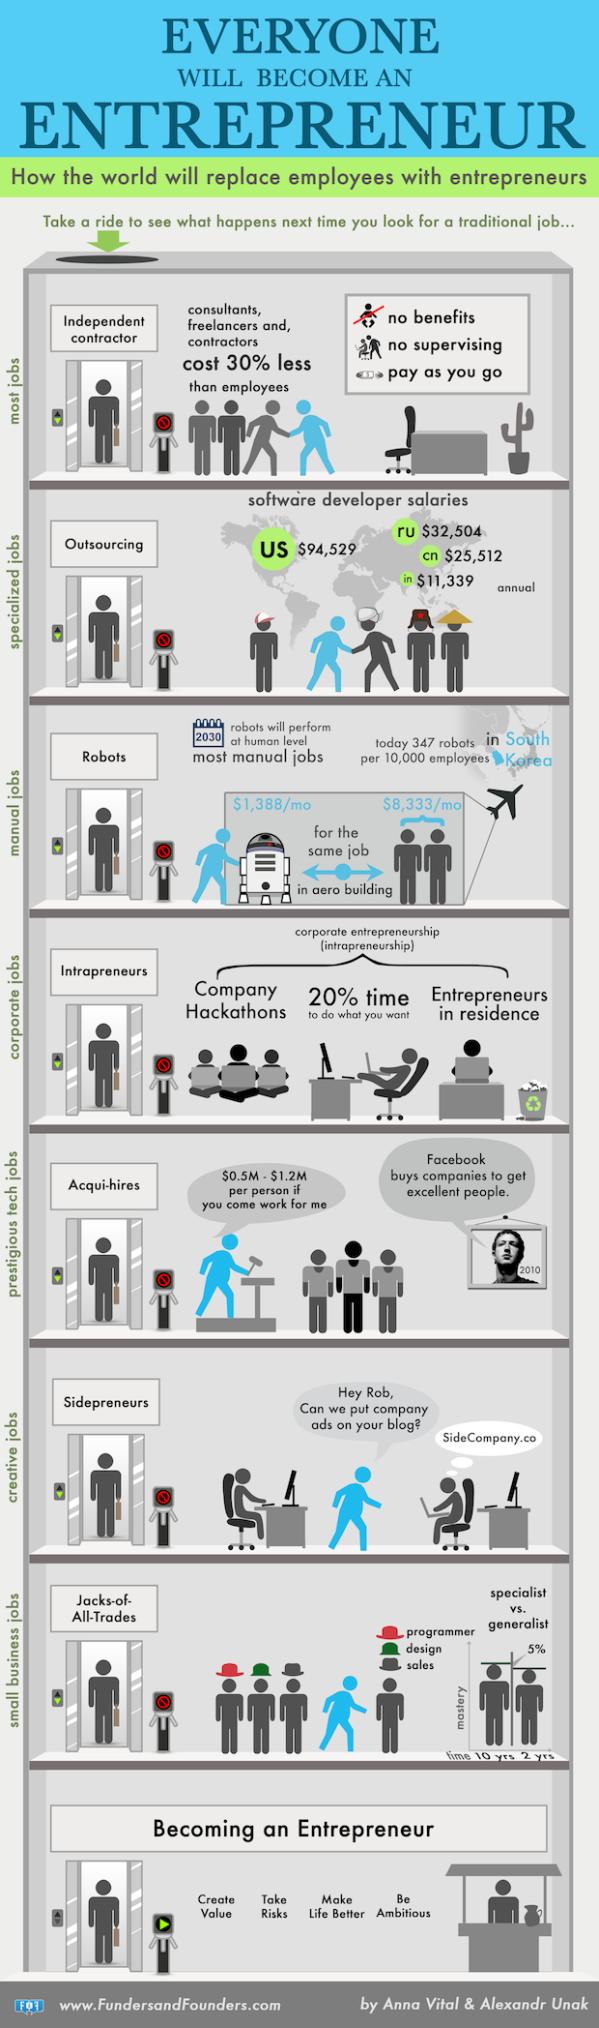 everyone-an-entrepreneur-infographic